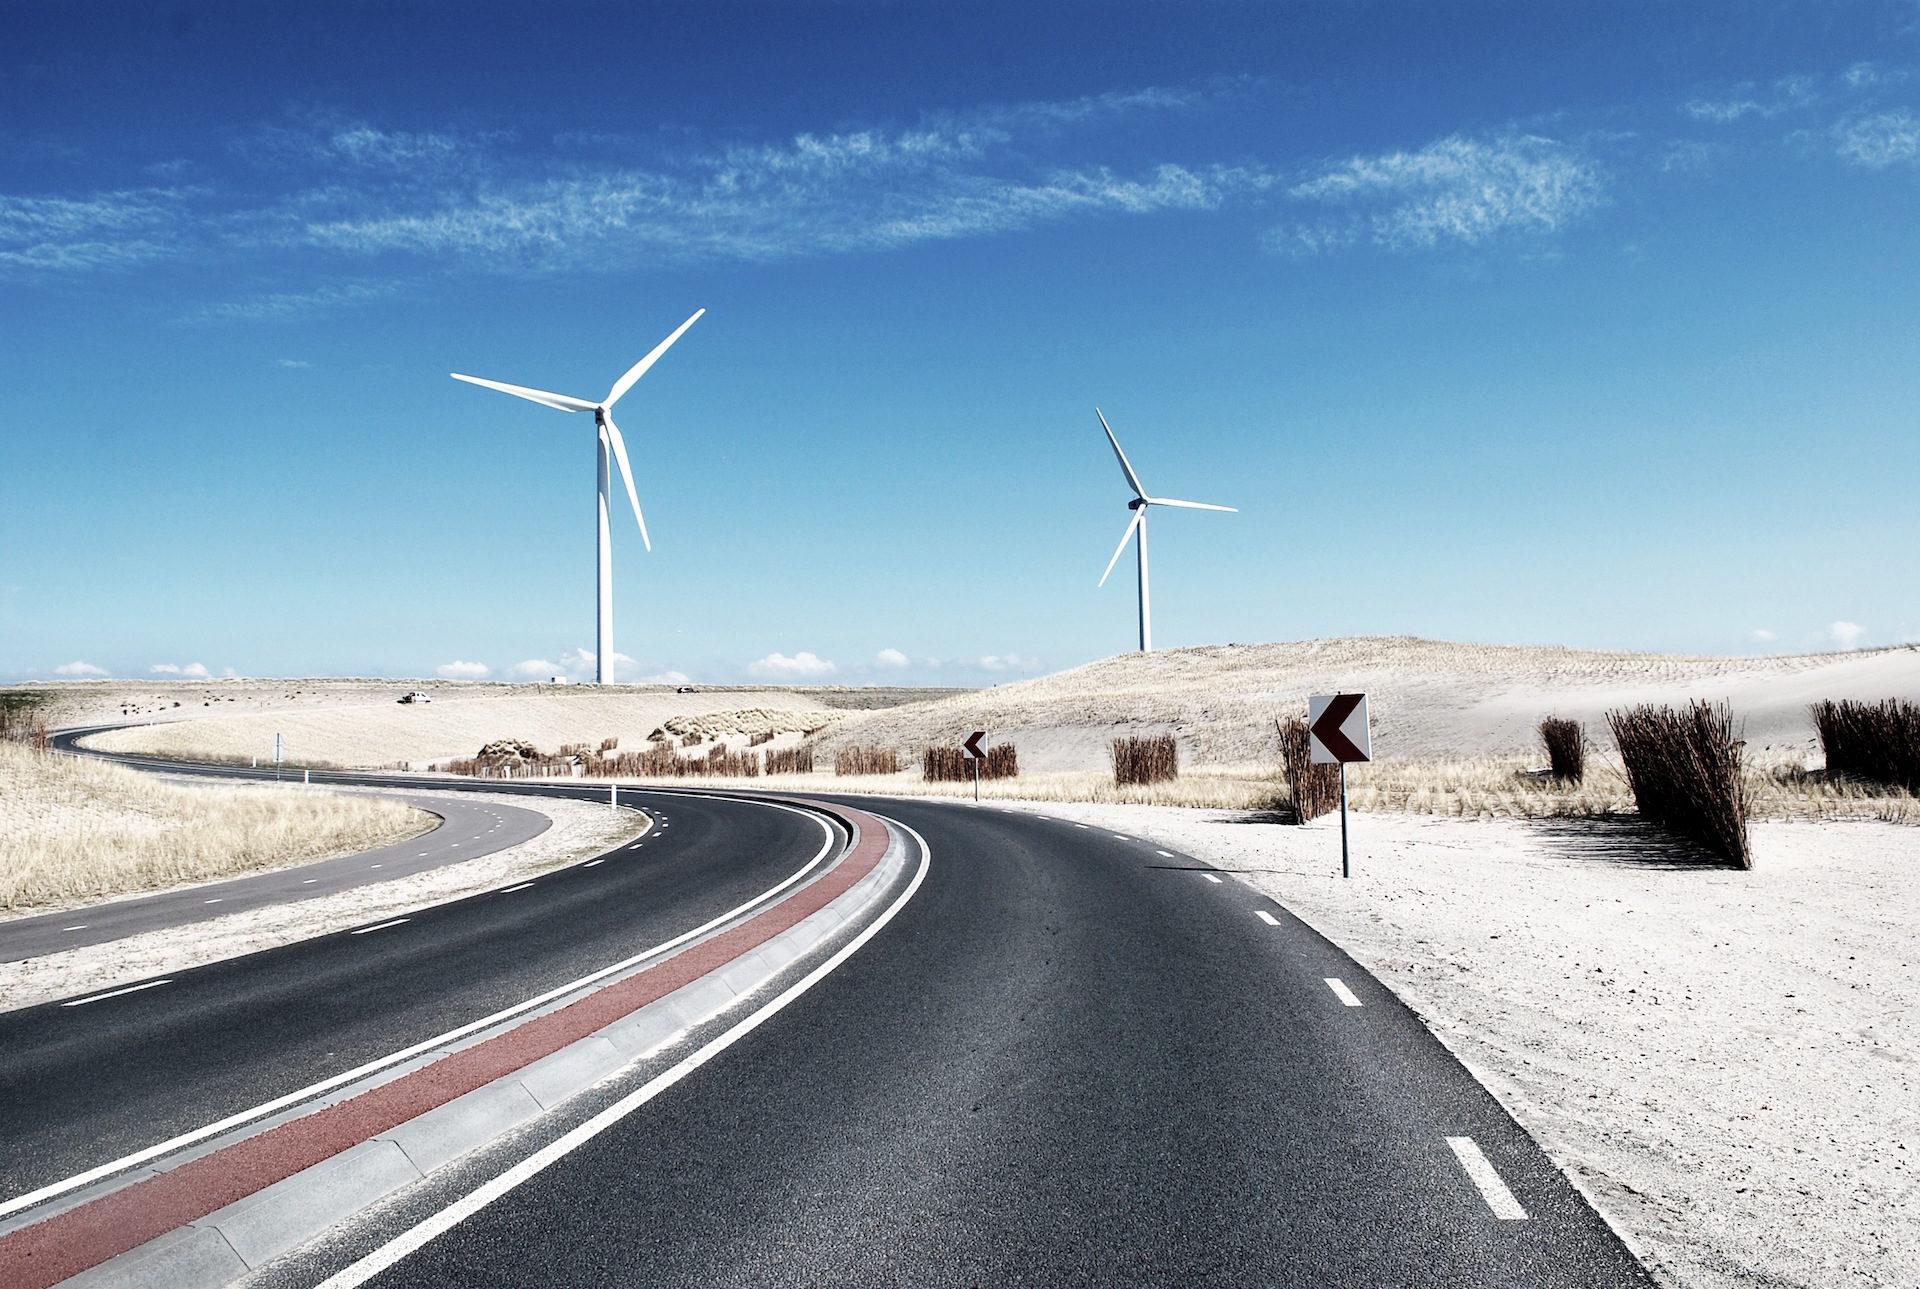 الطريق, ميلز, الرياح, eólico, السماء - خلفيات عالية الدقة - أستاذ falken.com